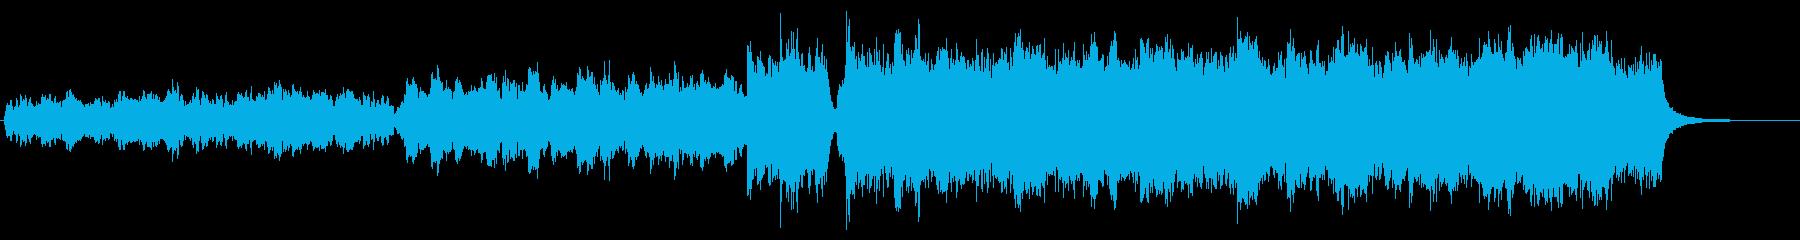 ファンタジー系 オープニングの再生済みの波形